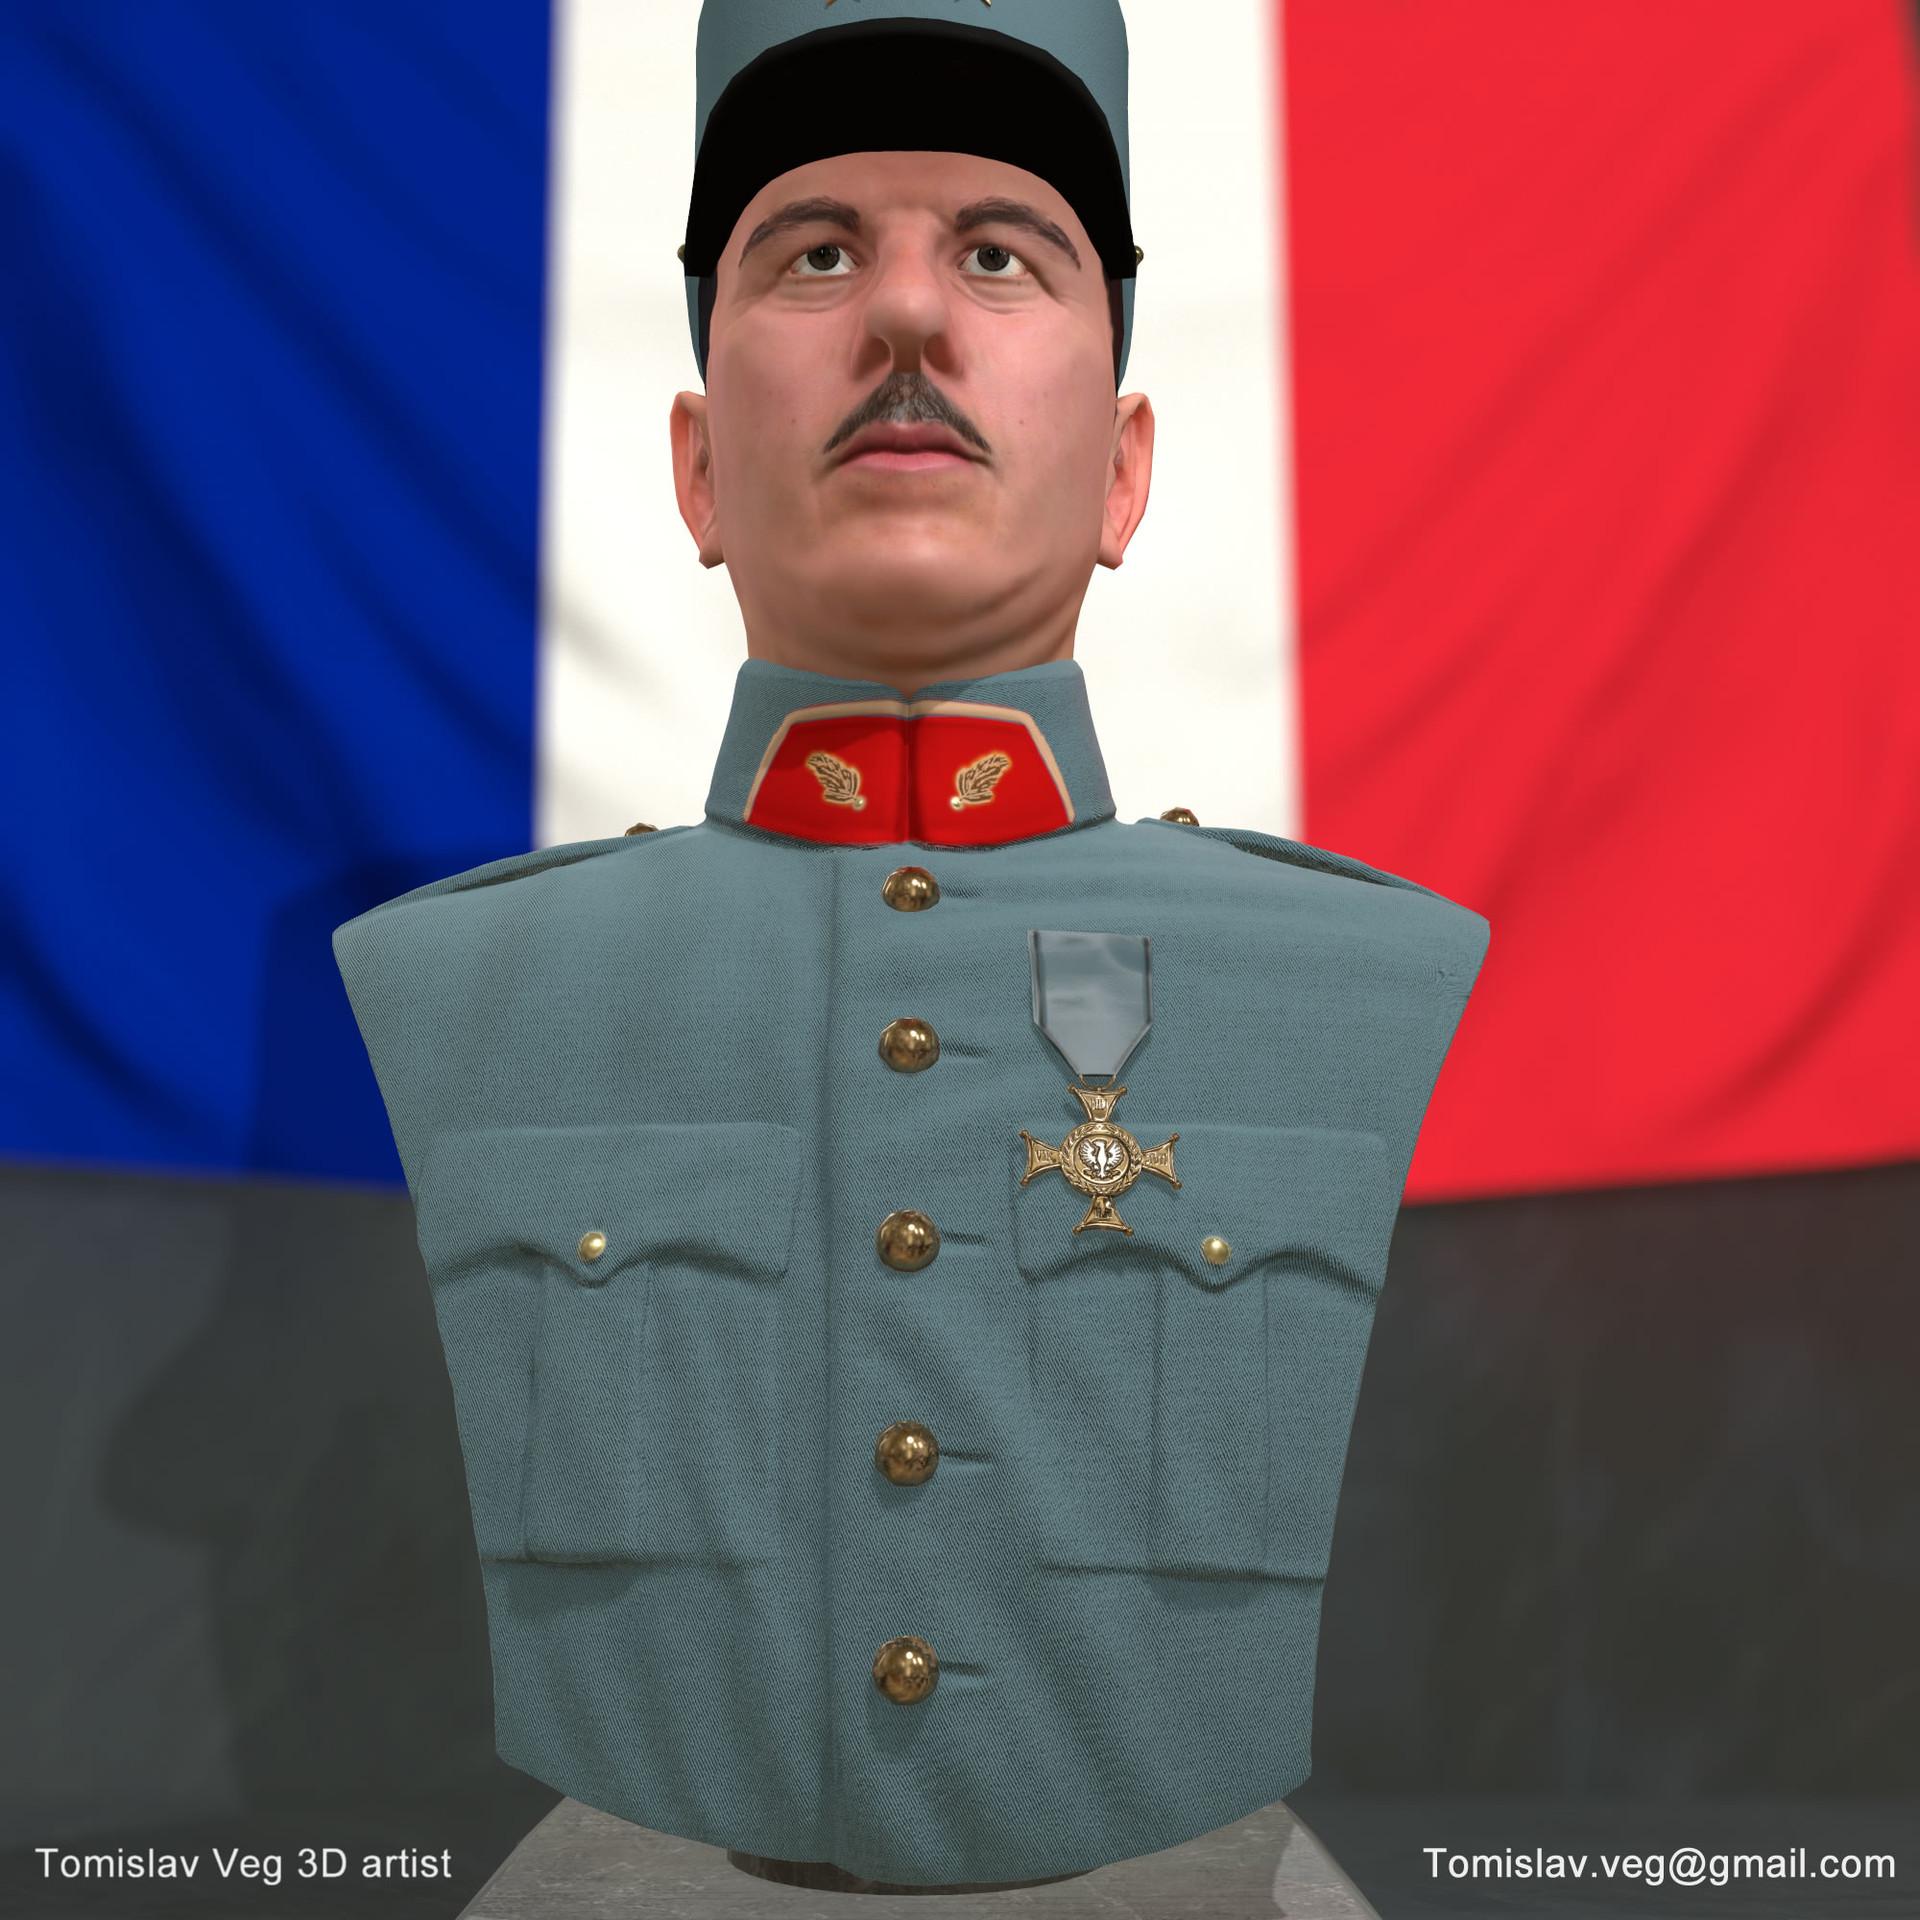 Tomislav veg 7